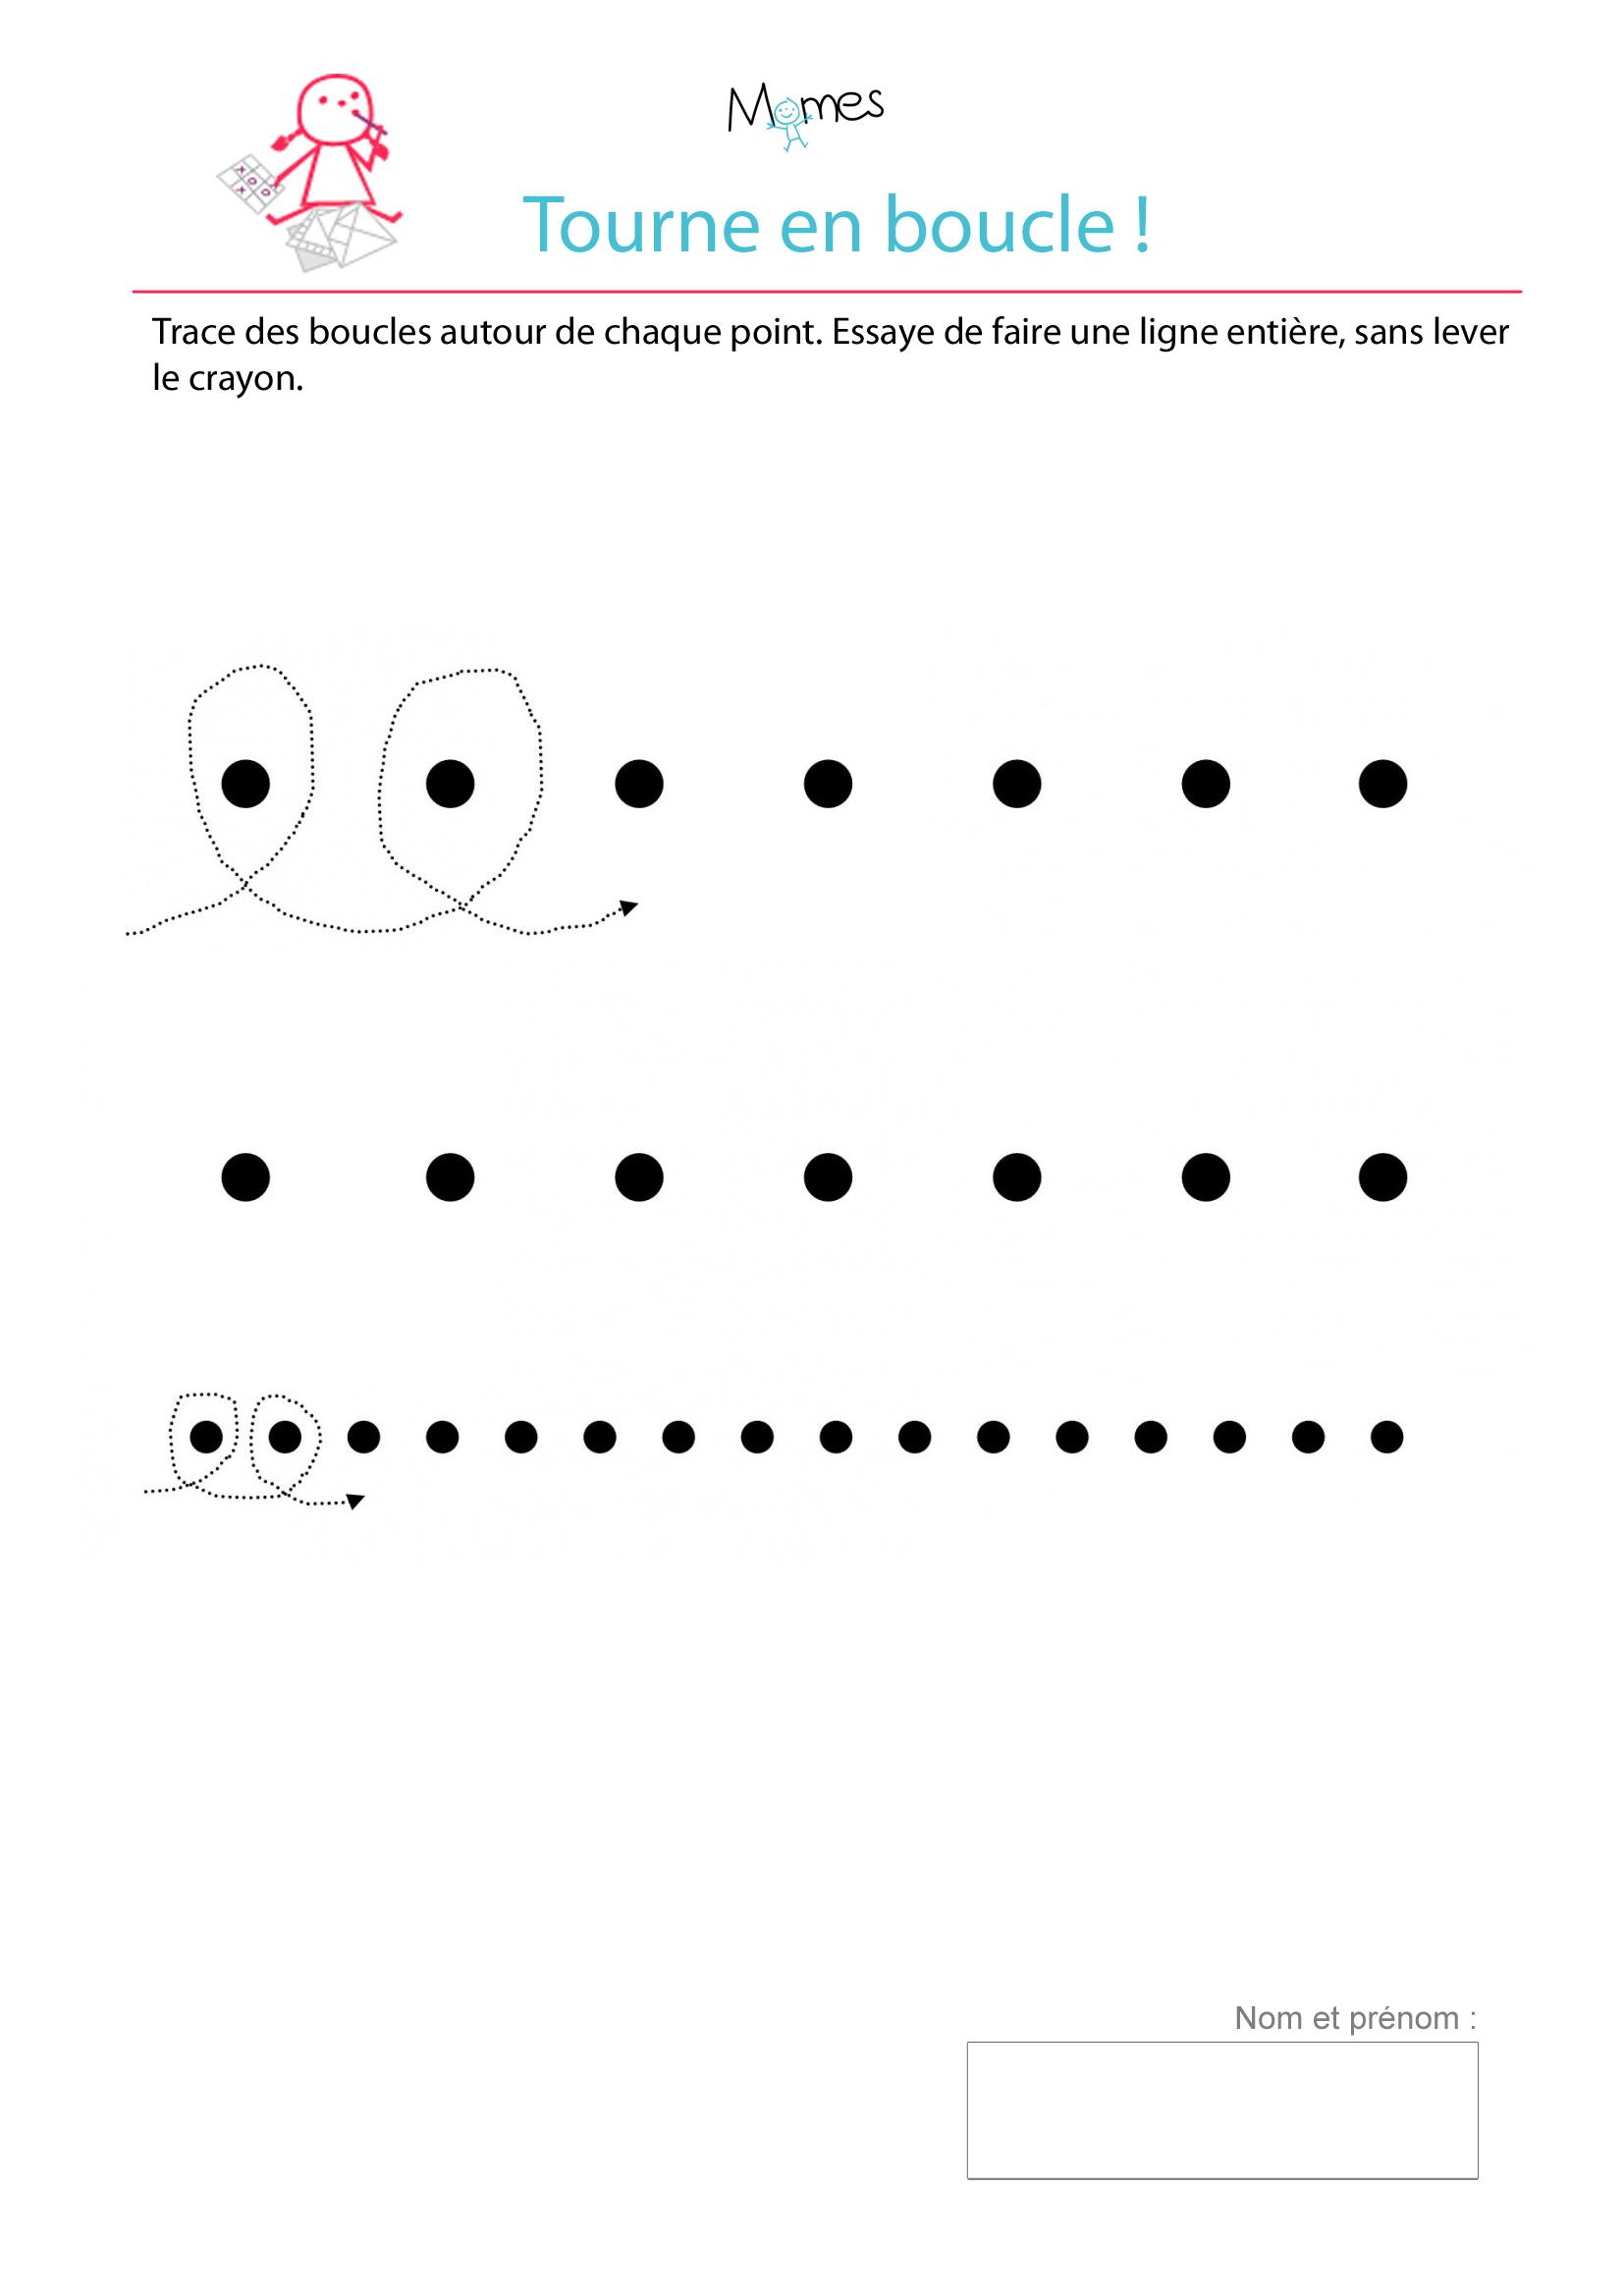 Exercice D'écriture : Tracer Des Boucles Autour De Points tout Exercice Pour Maternelle Petite Section